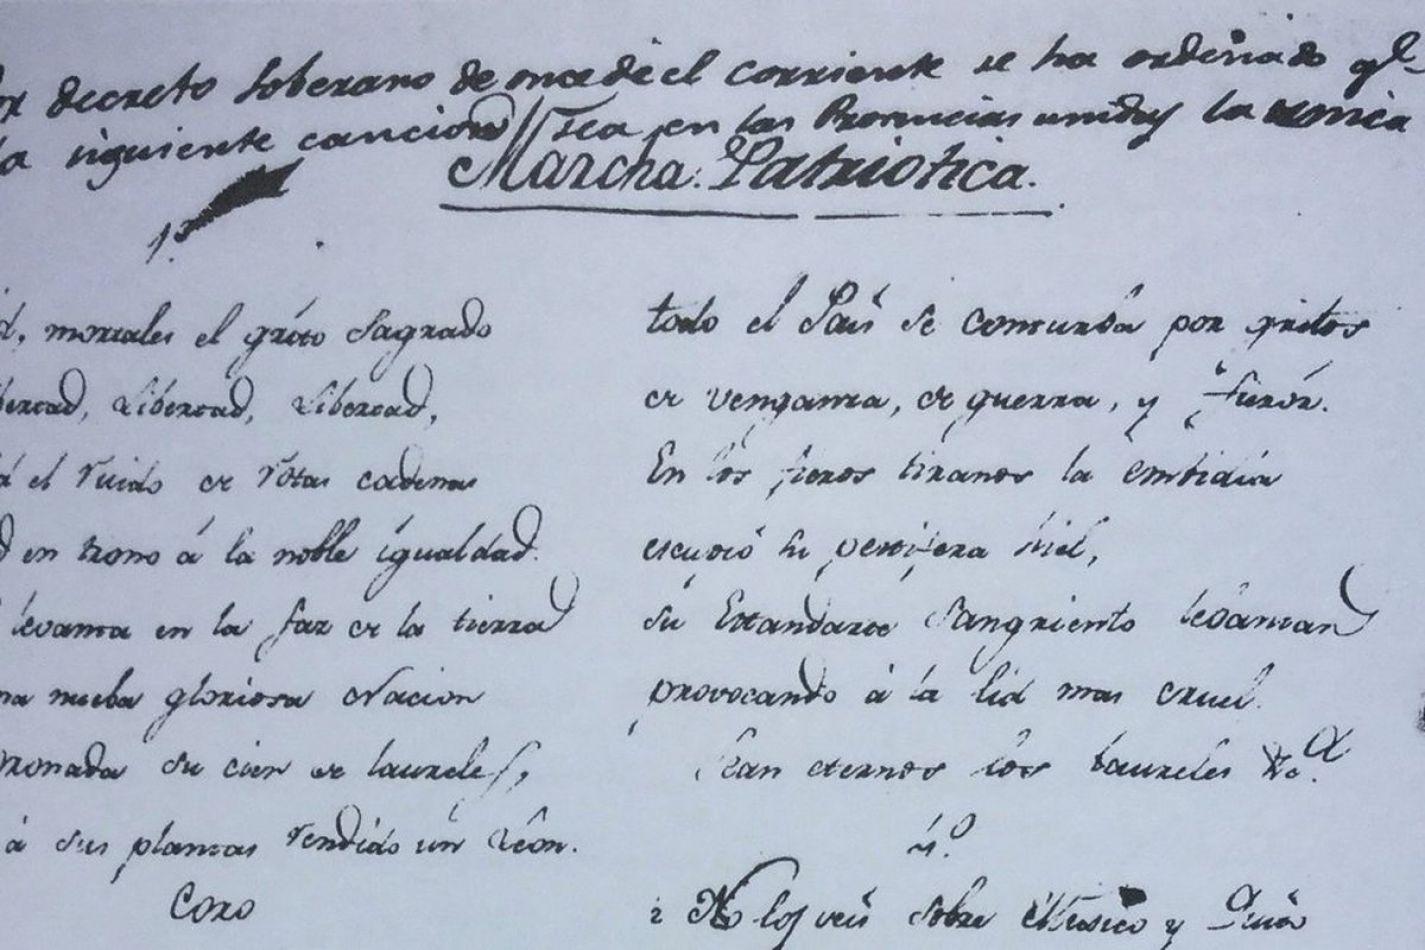 Día del Himno Nacional Argentino: la historia, los enfrentamientos y las estrofas suprimidas de nuestra marcha patriótica